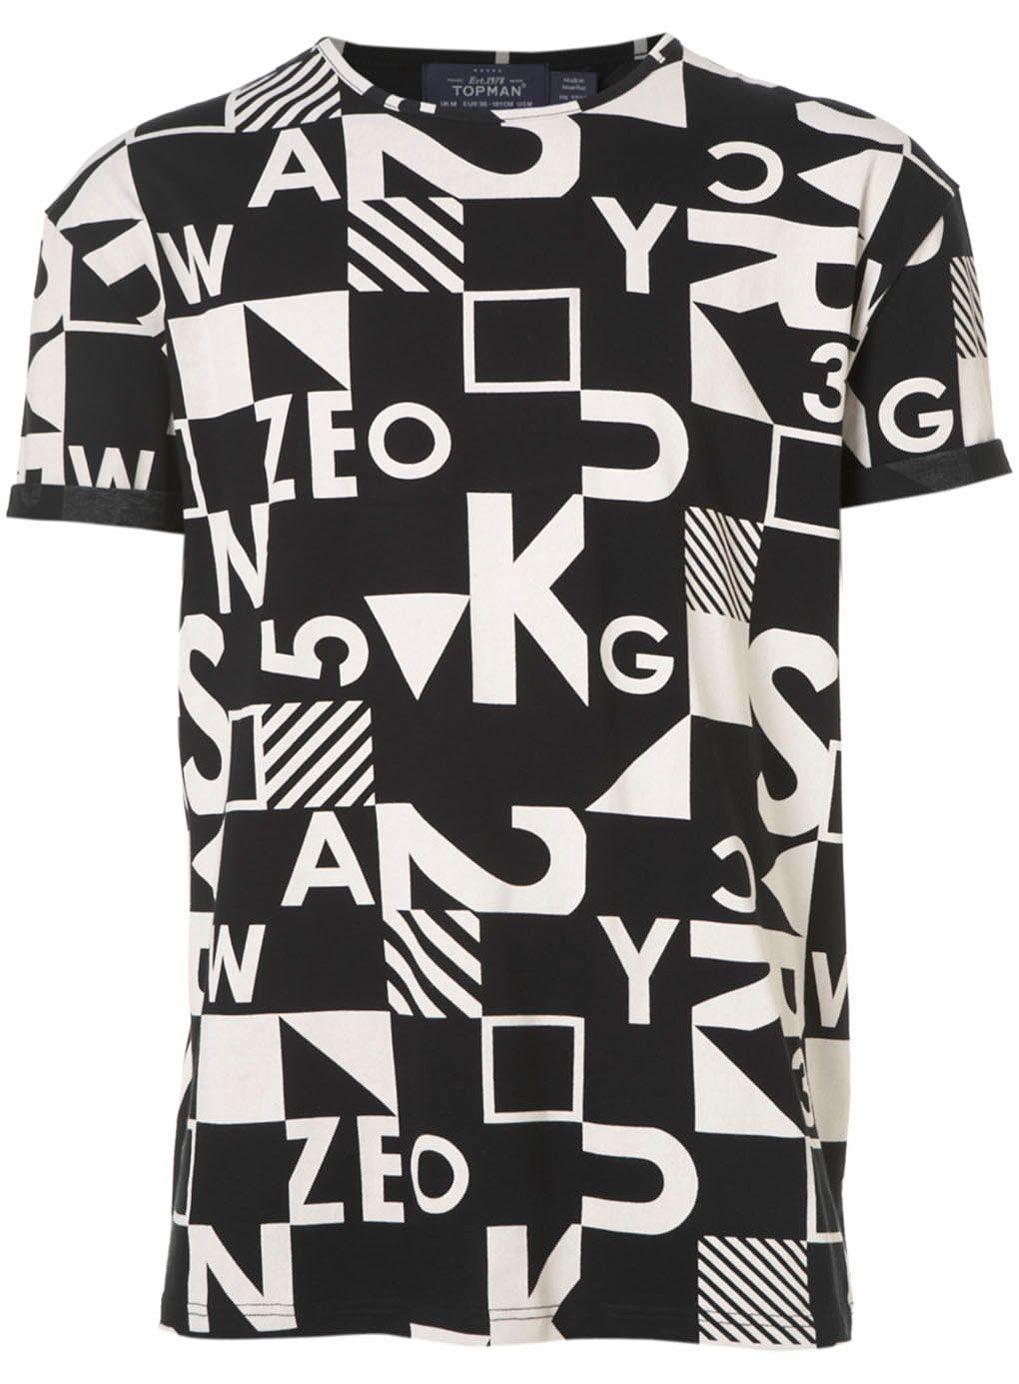 T-shirt design for zumba -  Tee Tshirt